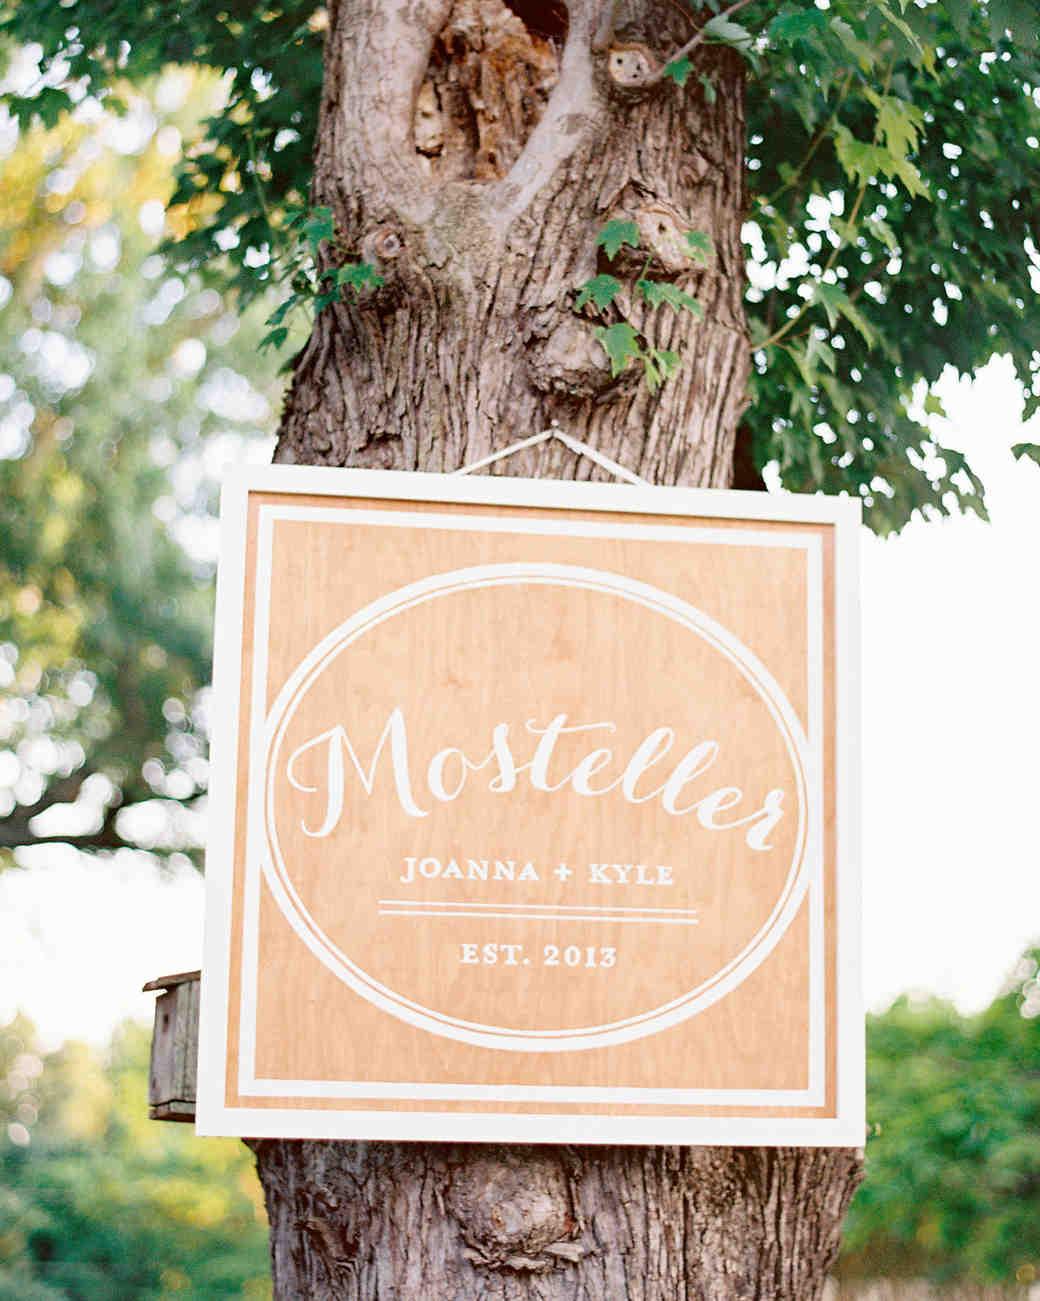 joanna-kyle-real-wedding-009061-r1-006-d111223-0814.jpg